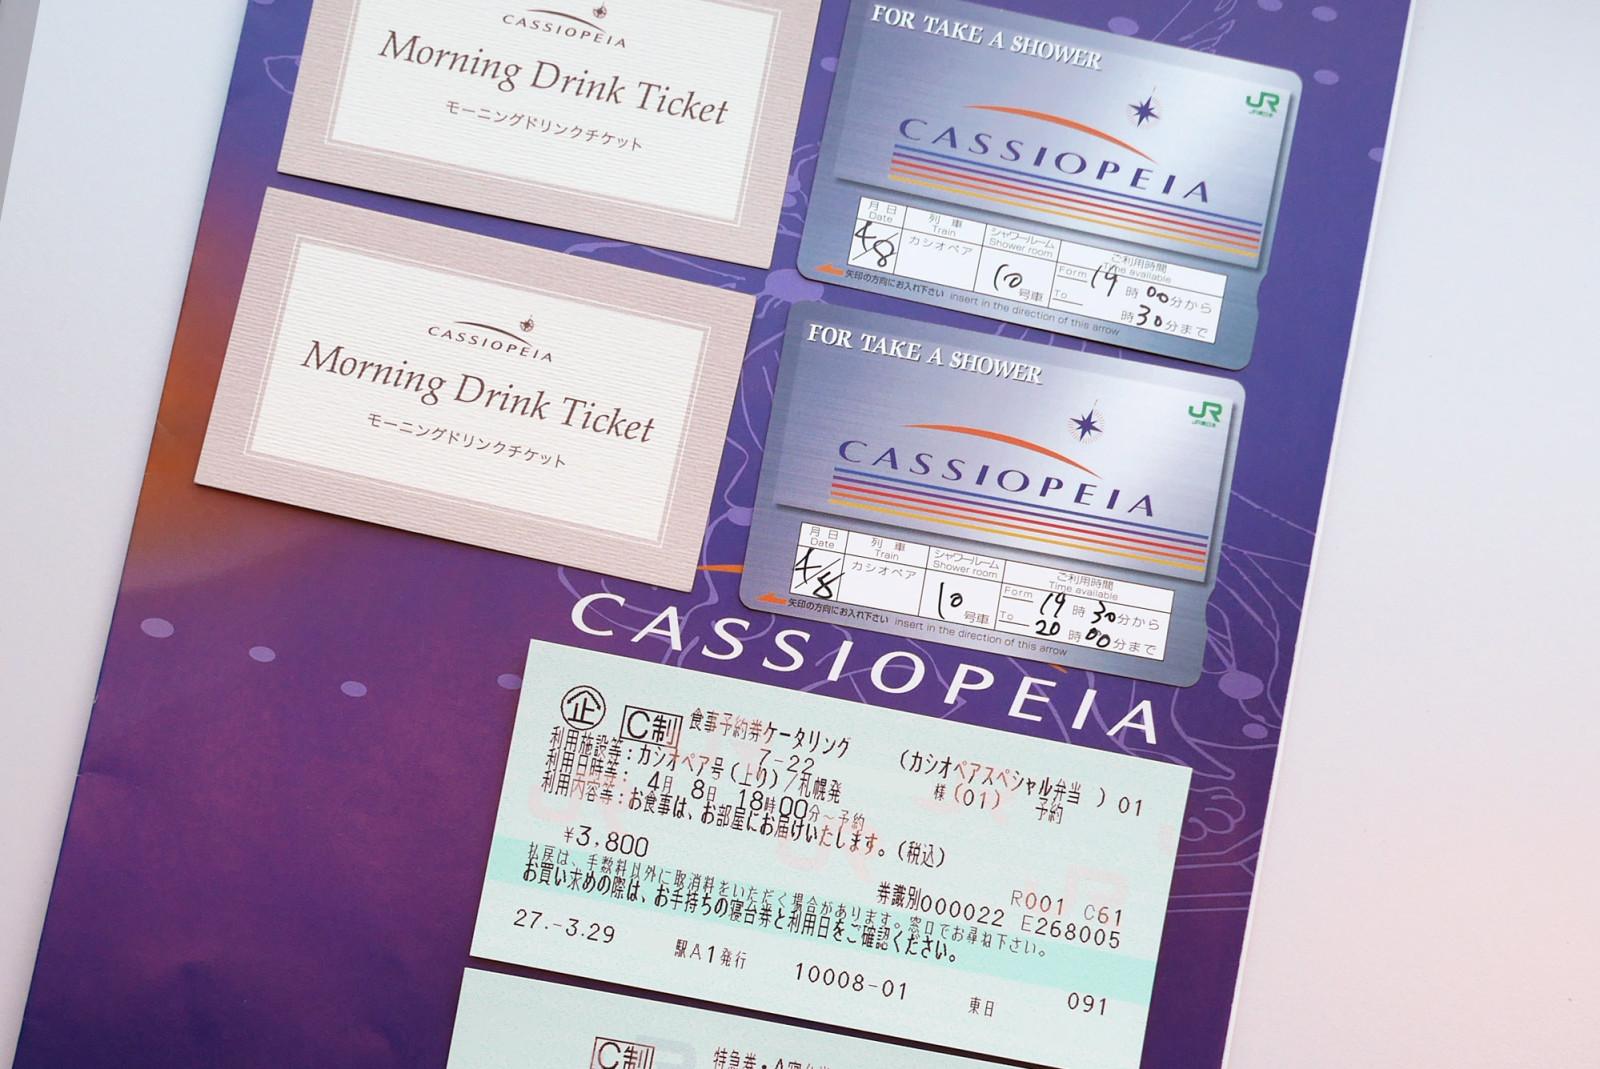 カシオペア チケット